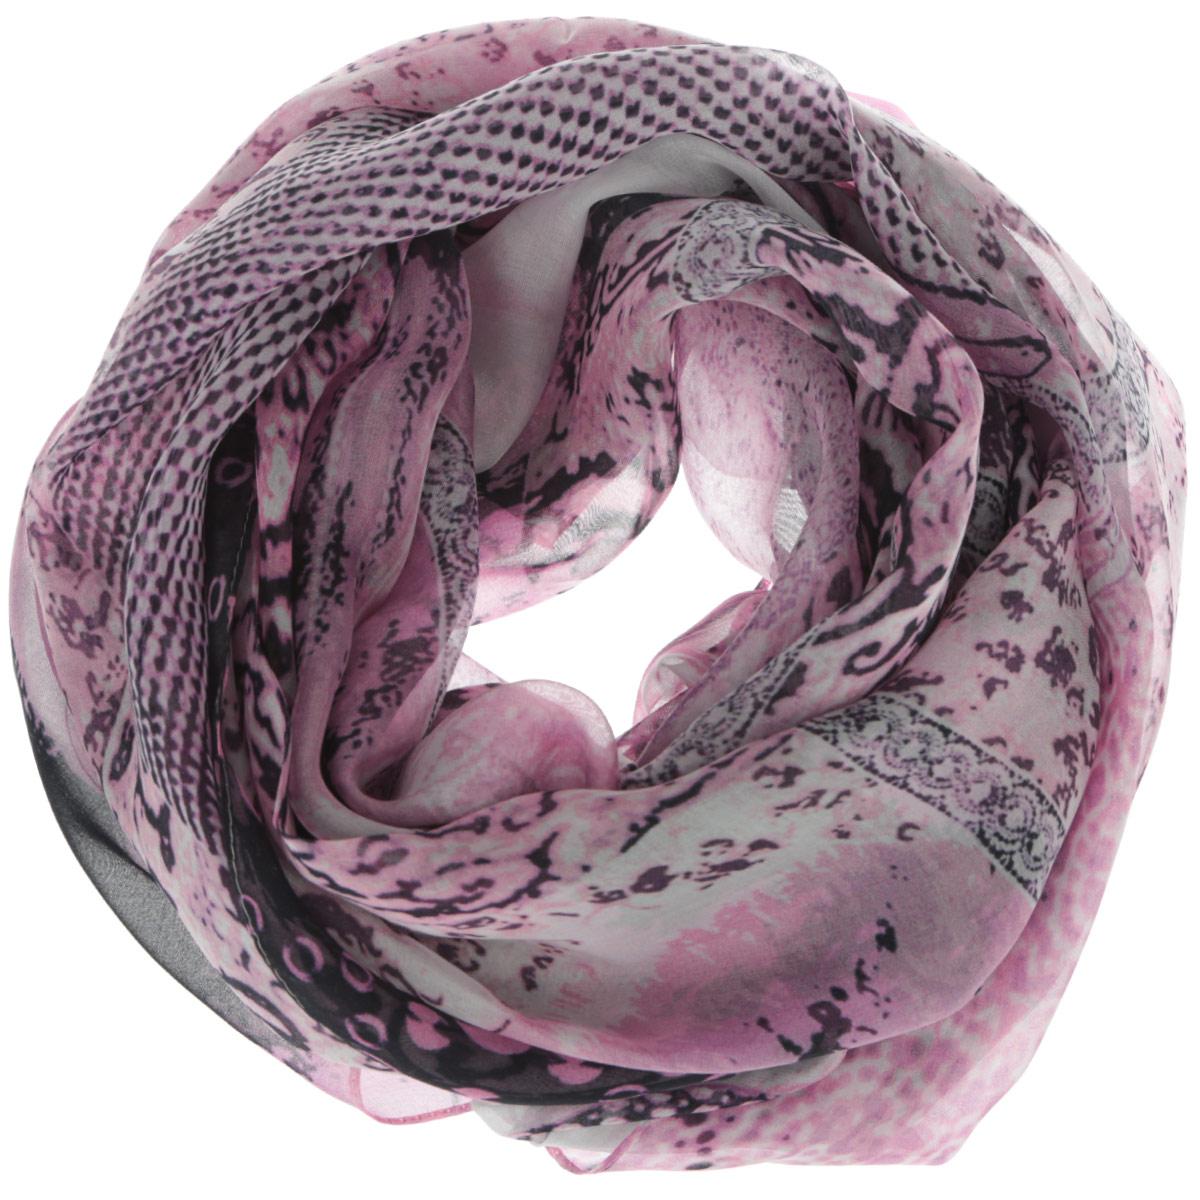 Шарф женский Leo Ventoni, цвет: розовый, черный, белый. 201509222. Размер 180 см х 66 см201509222Женский шарф Leo Ventoni позволит вам создать неповторимый и запоминающийся образ. Изготовленный из высококачественного шелка, он очень легкий, мягкий, имеет приятную на ощупь текстуру. Модель оформлена ярким принтом.Такой аксессуар станет модным дополнением к гардеробу современной женщины, стремящейся всегда оставаться стильной и элегантной.